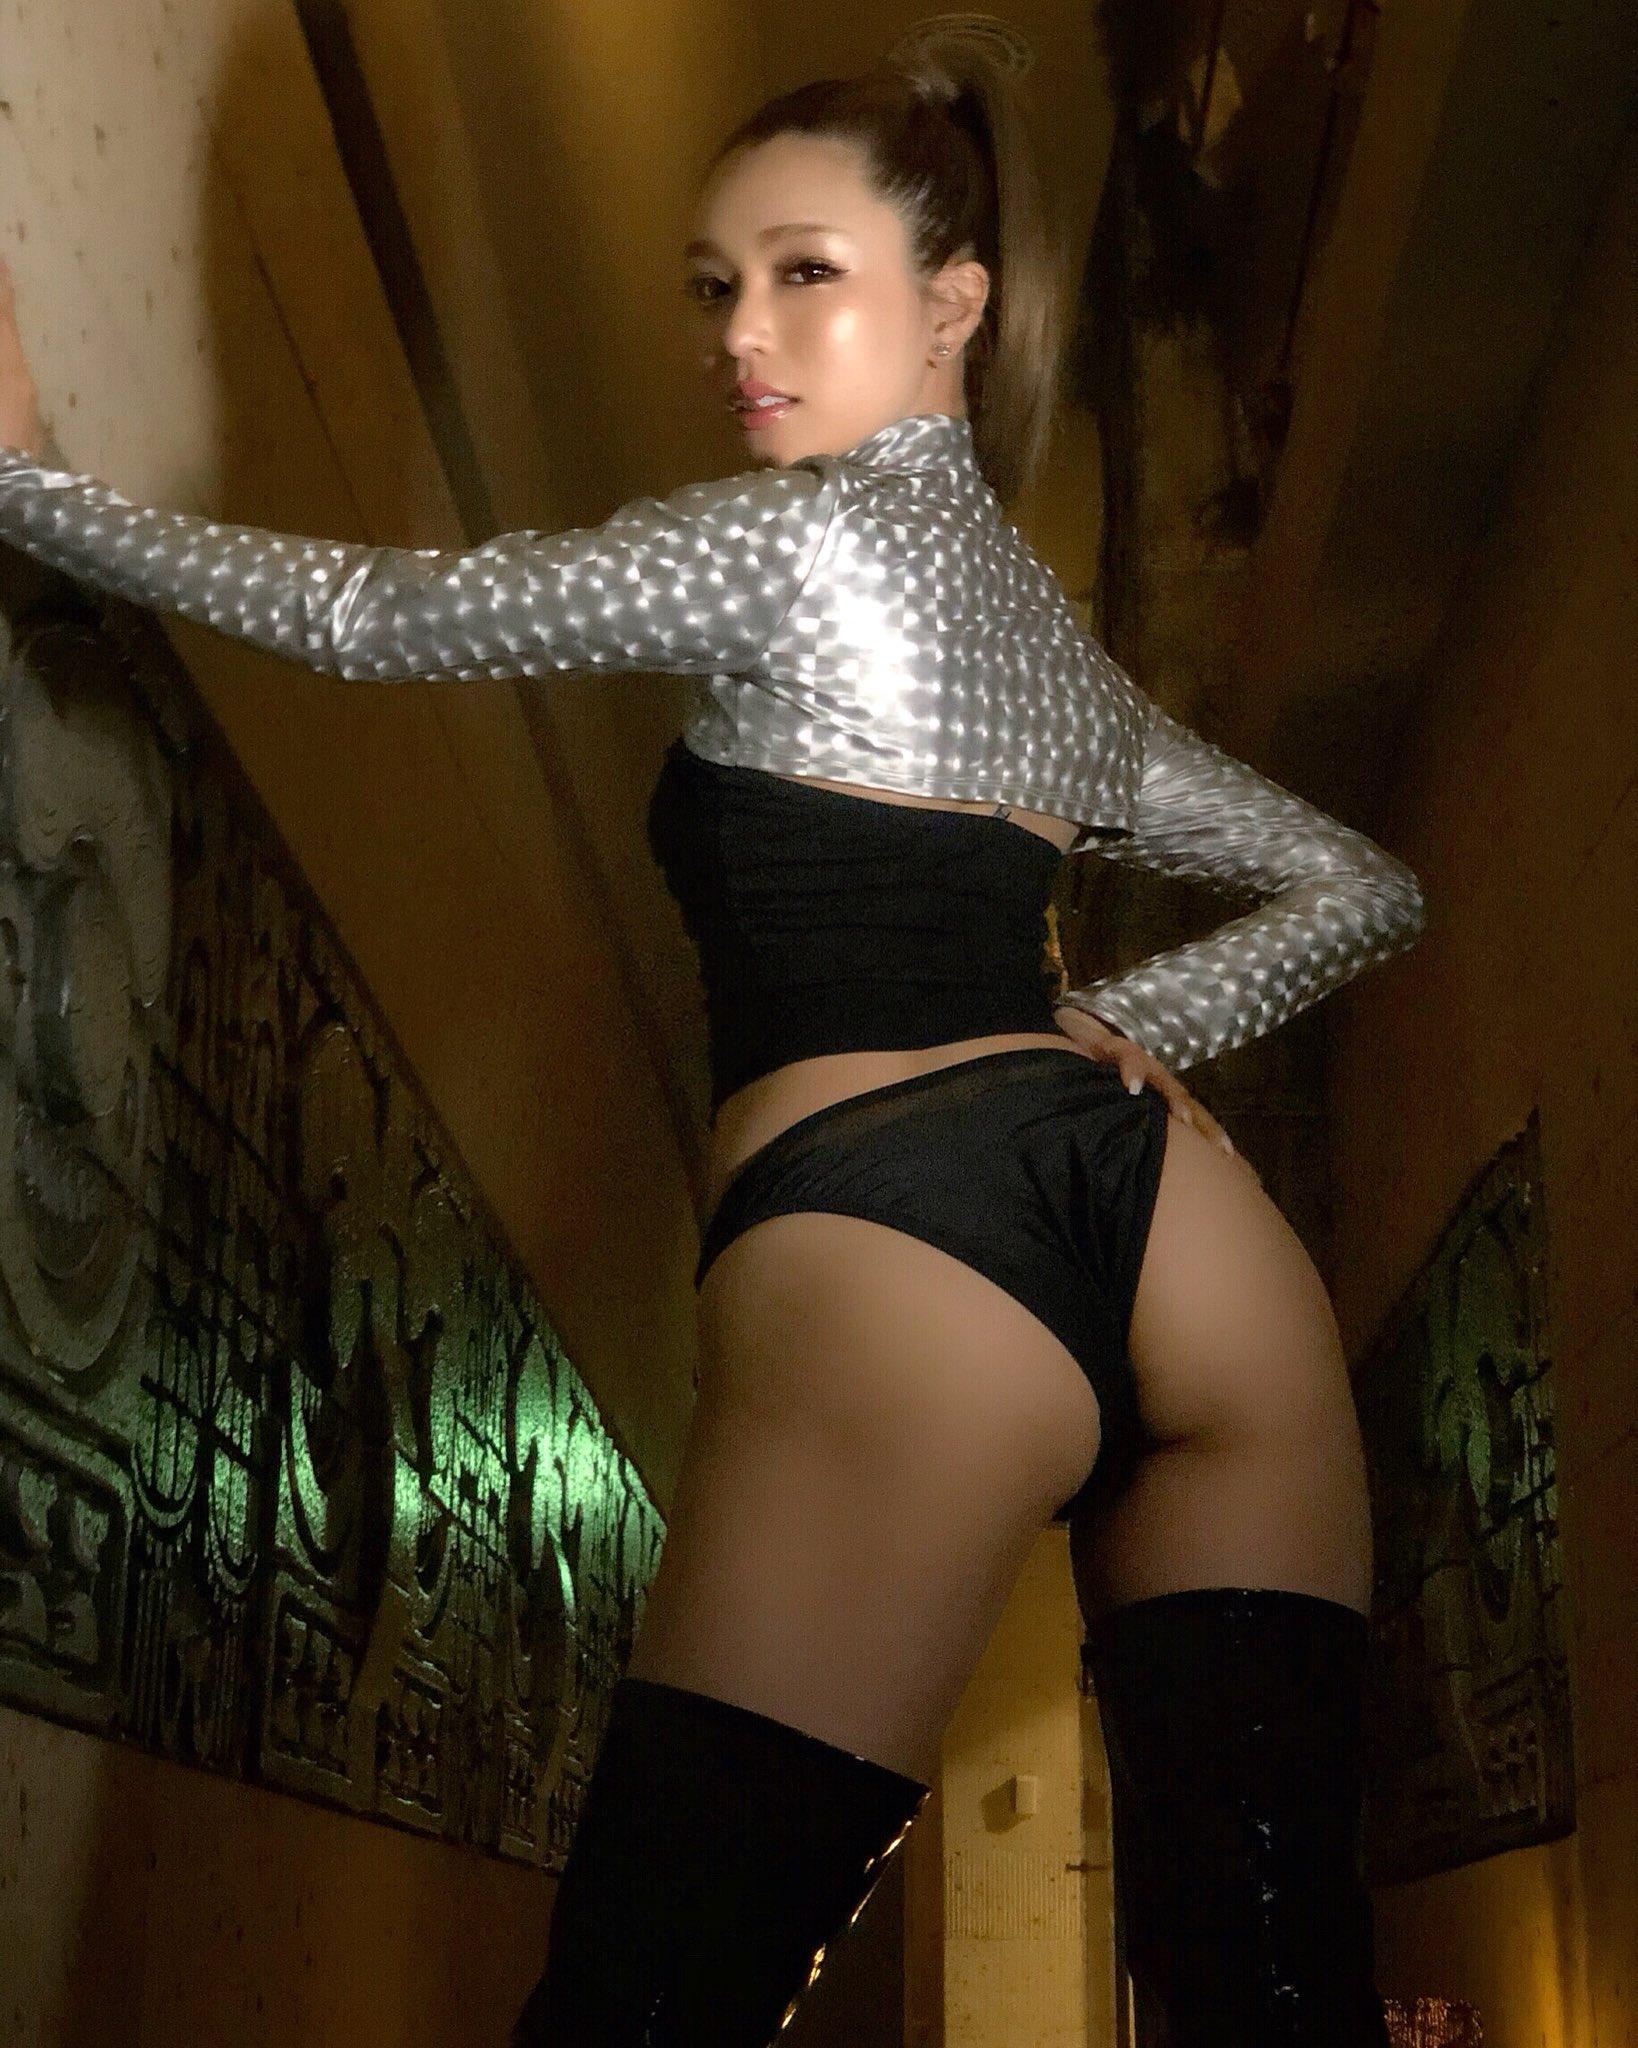 ダンサー桃尻エロ画像。詳細は以下に記載します。